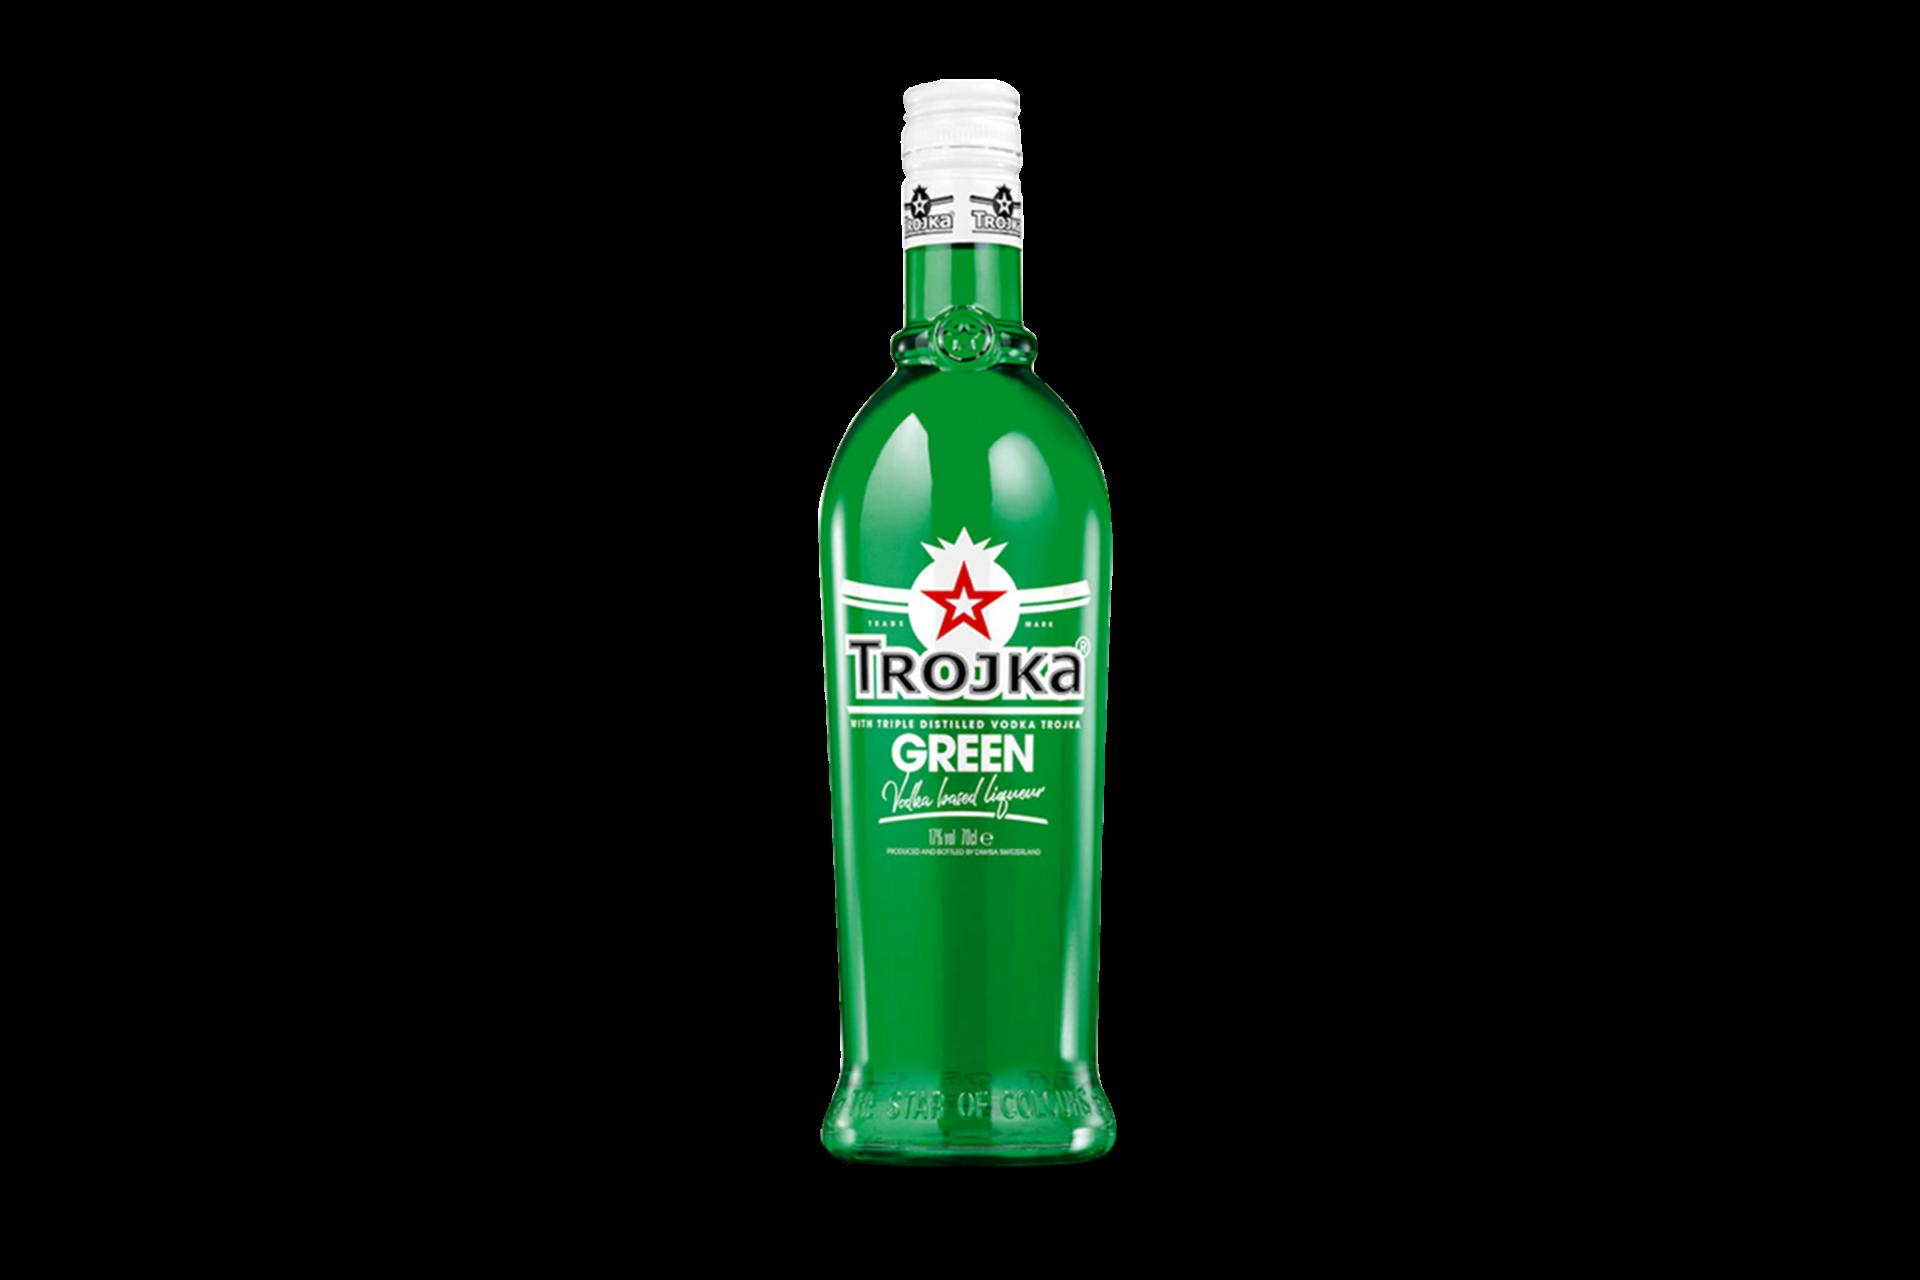 Trojka Green 0.7 l 1